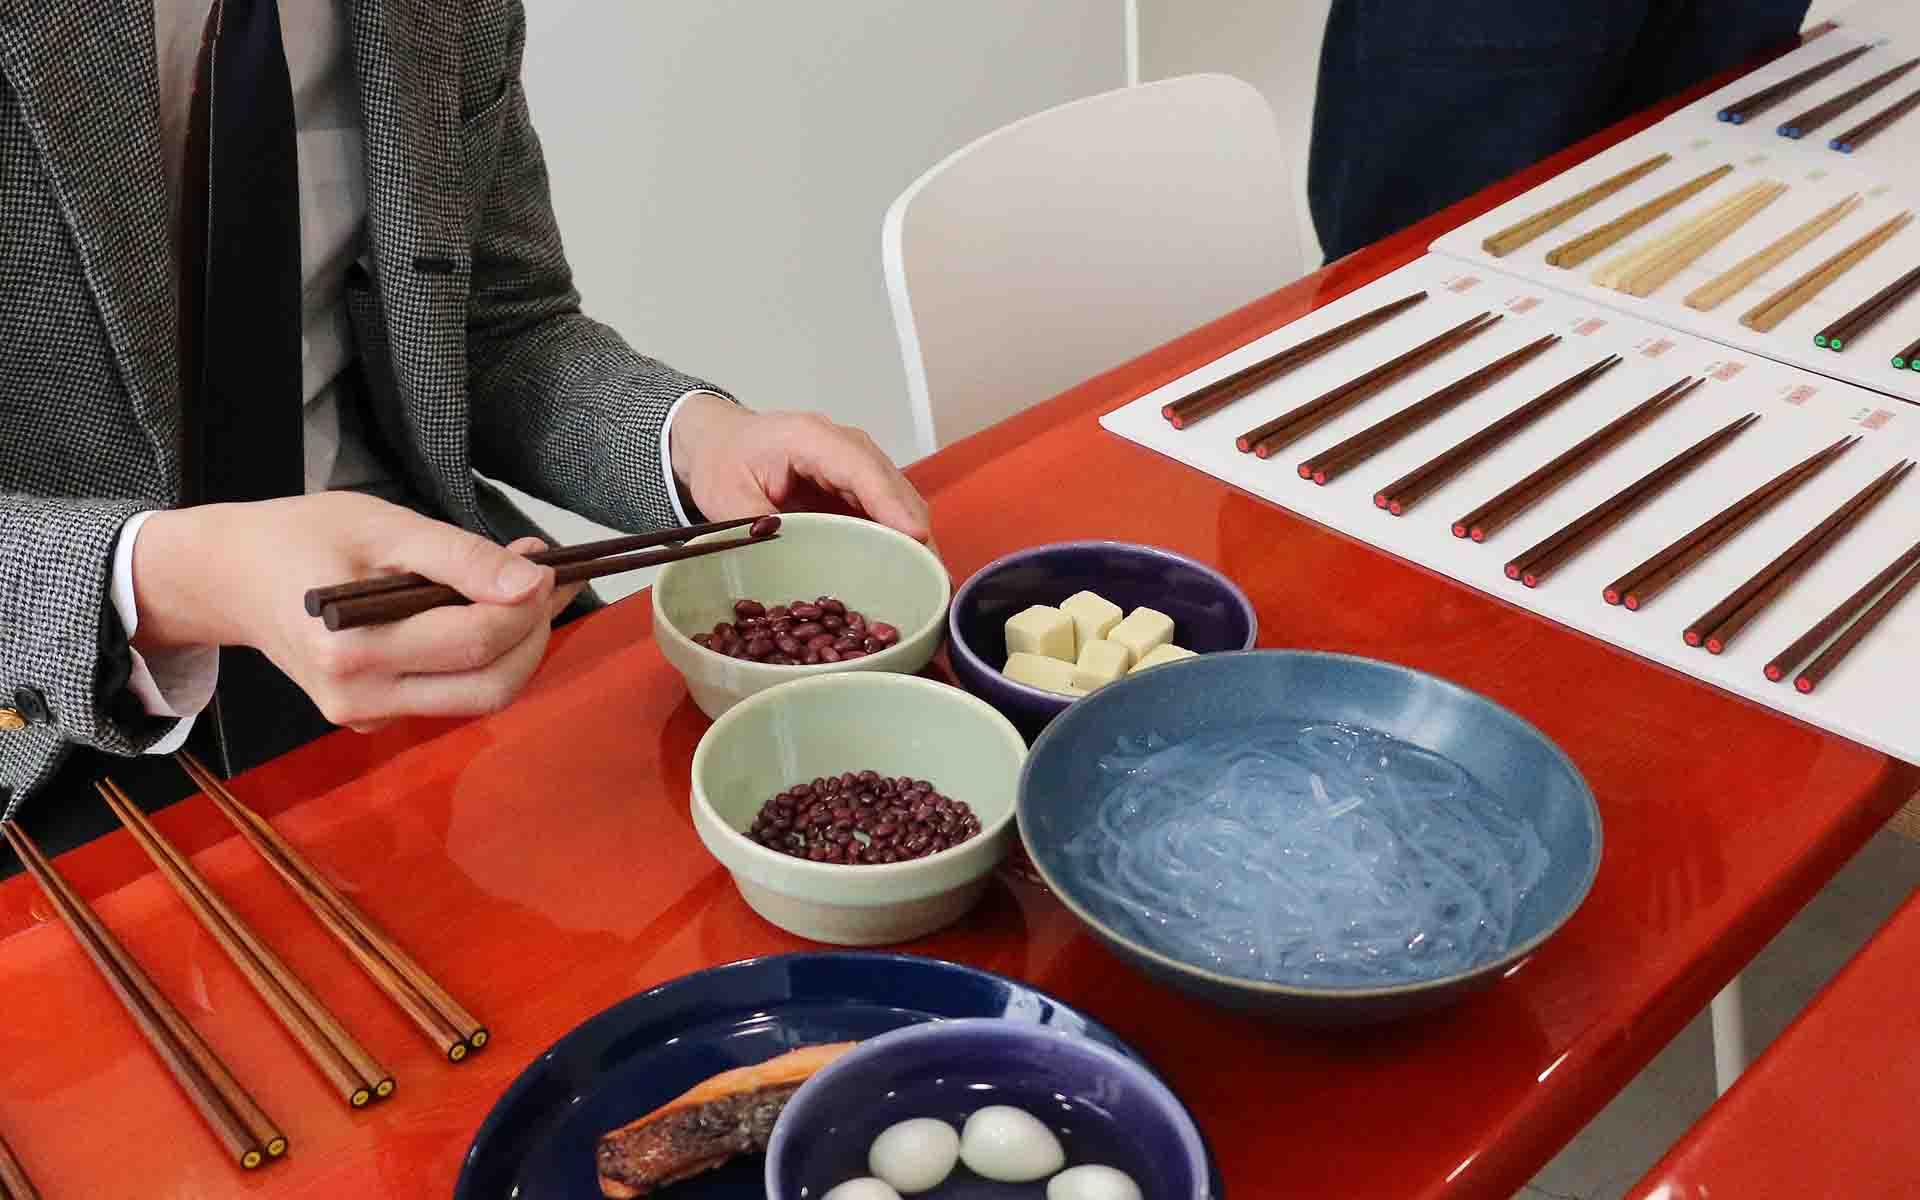 箸の形状の違いによる掴みやすさ、使い心地を調べるために、箸使いに少し手間がかかる食材を選んで検証しました。食材は、あずき、焼き魚、しらたき、うずらの卵、高野豆腐